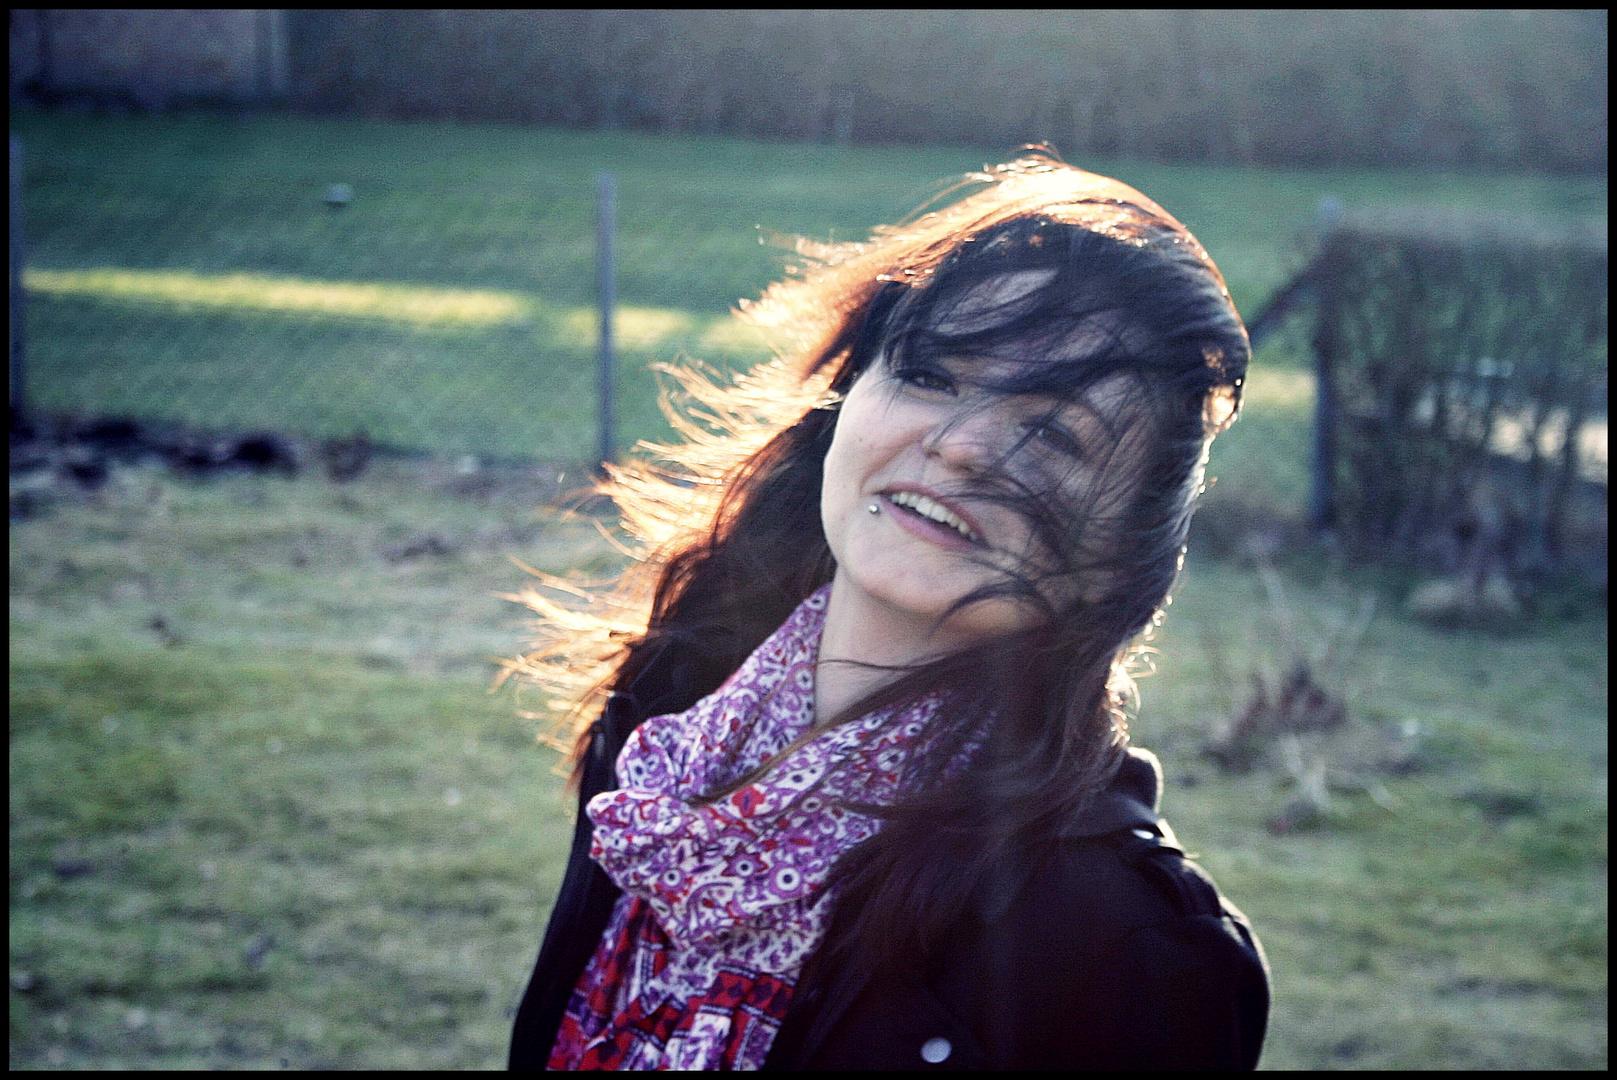 Eine Aufnahme von mir ; vom Winde umschlungen ;)